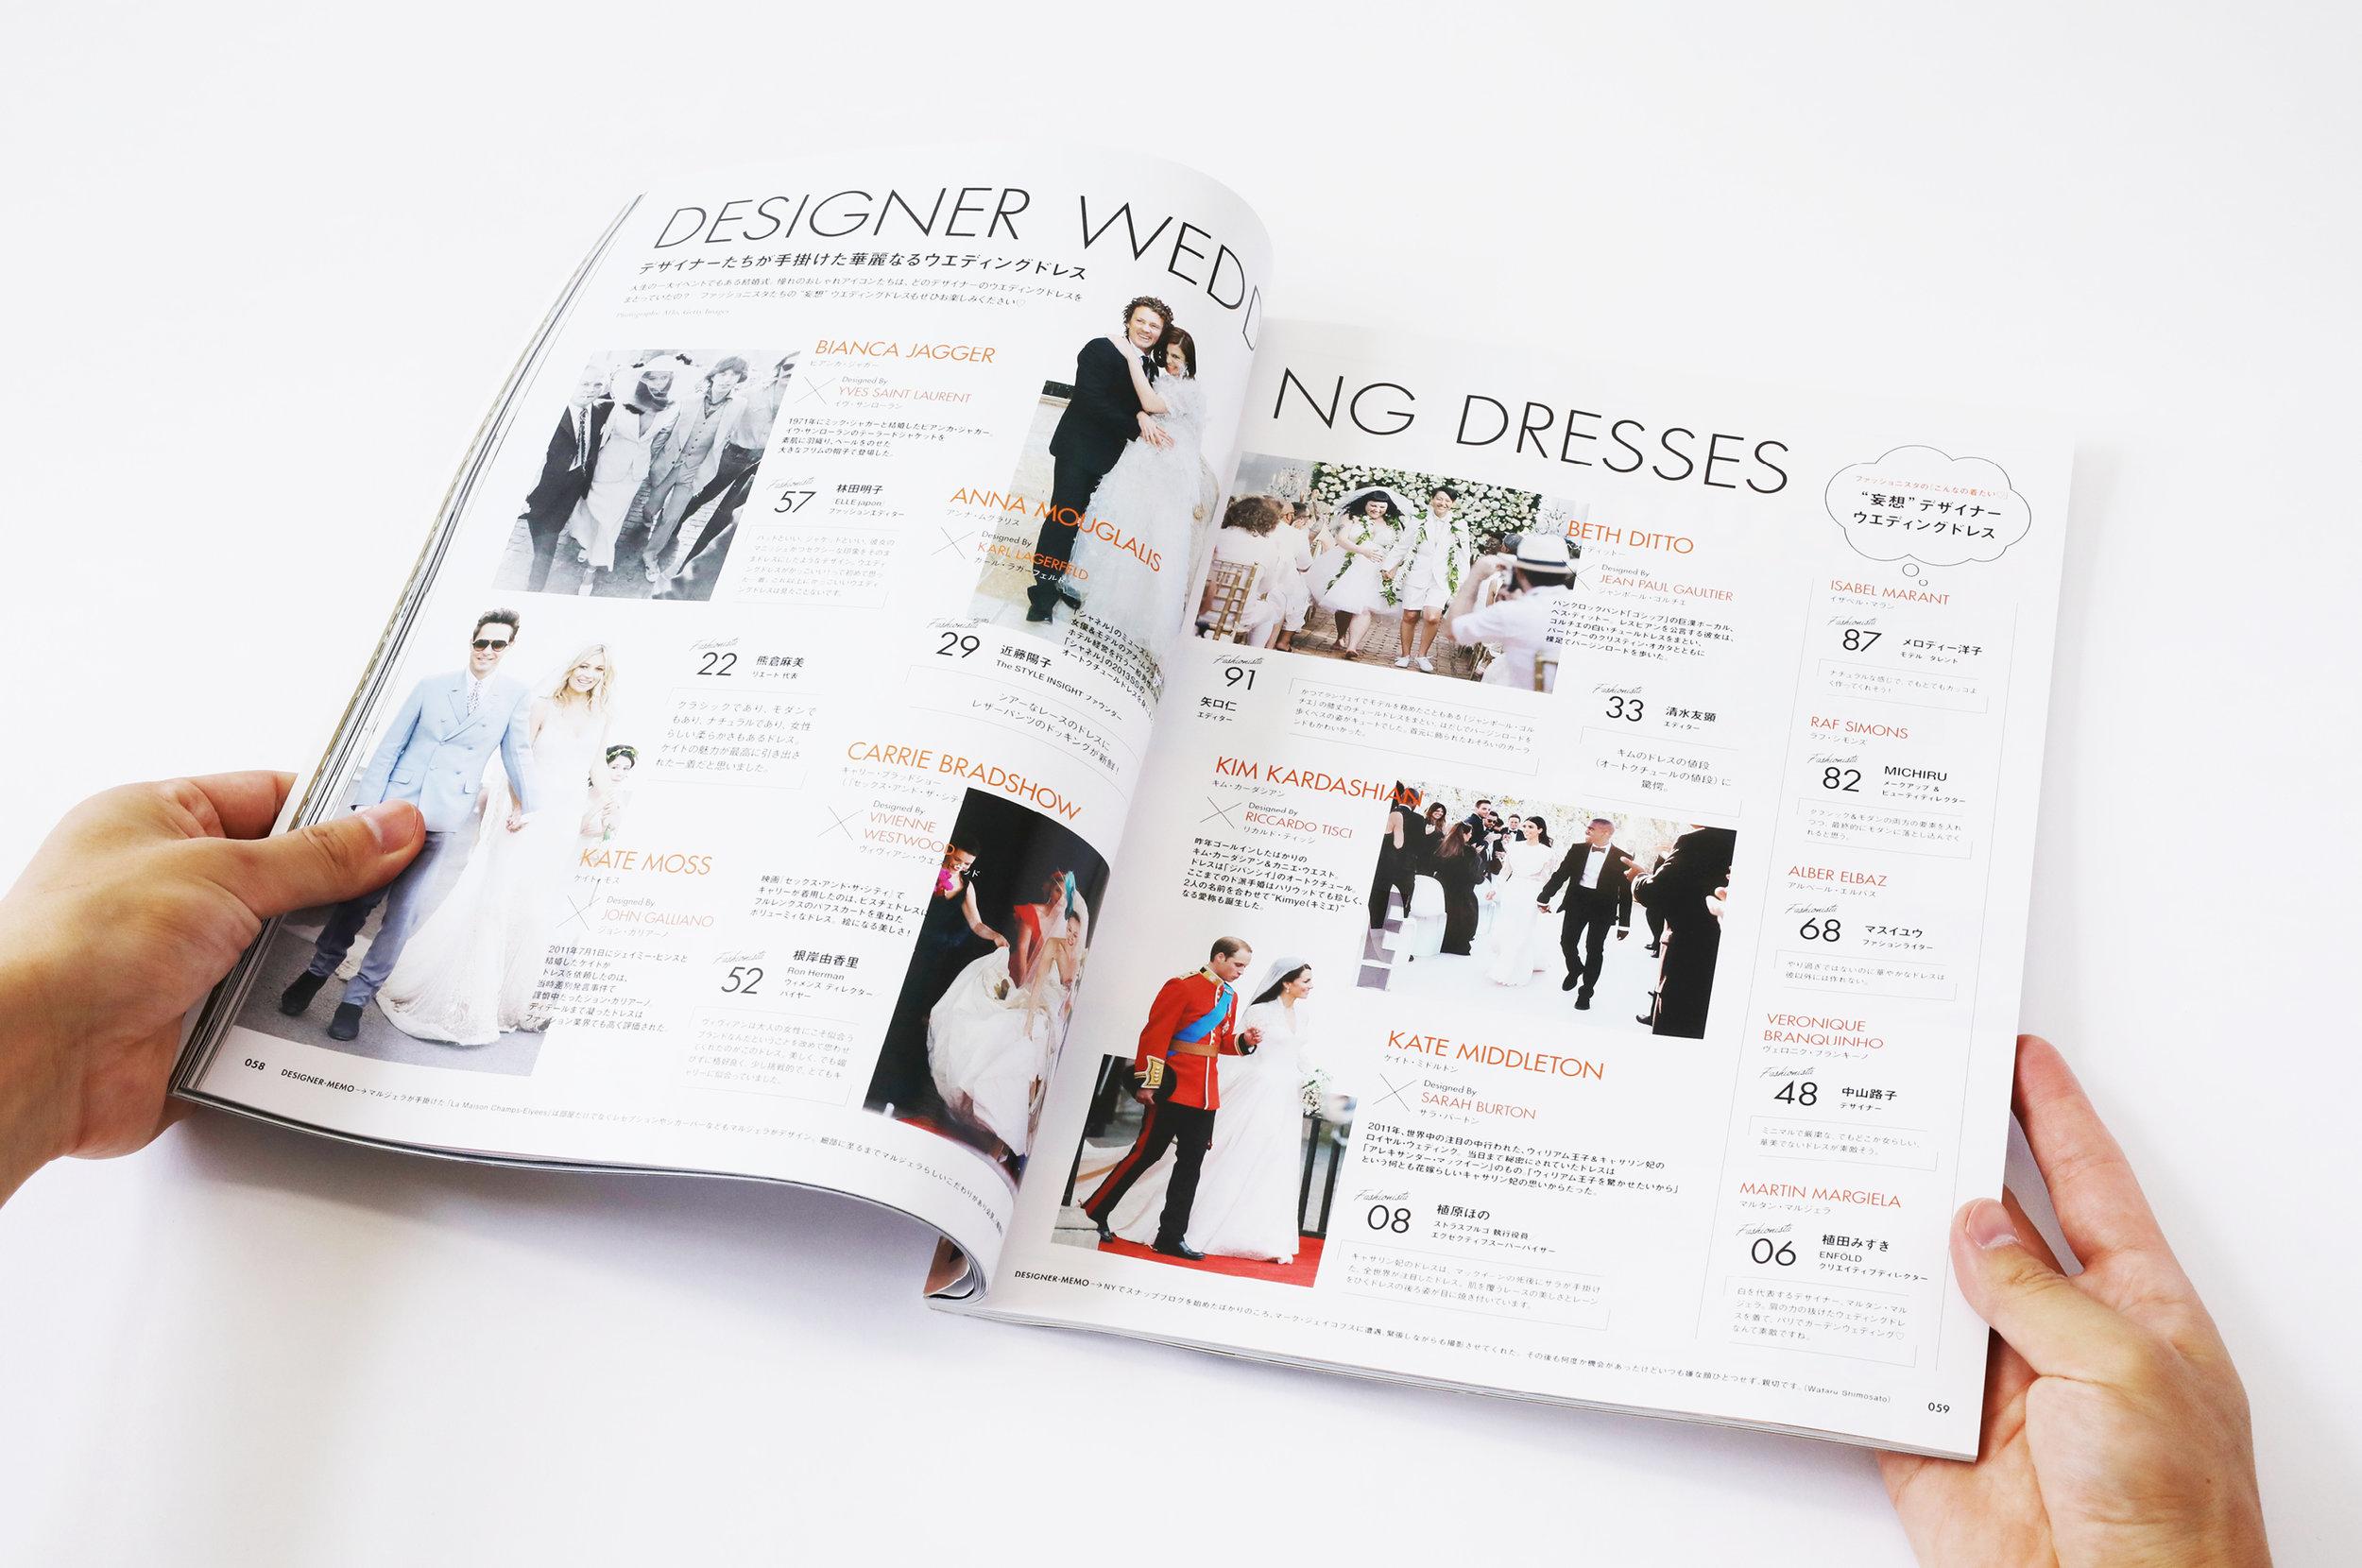 WWD_magazine4.jpg